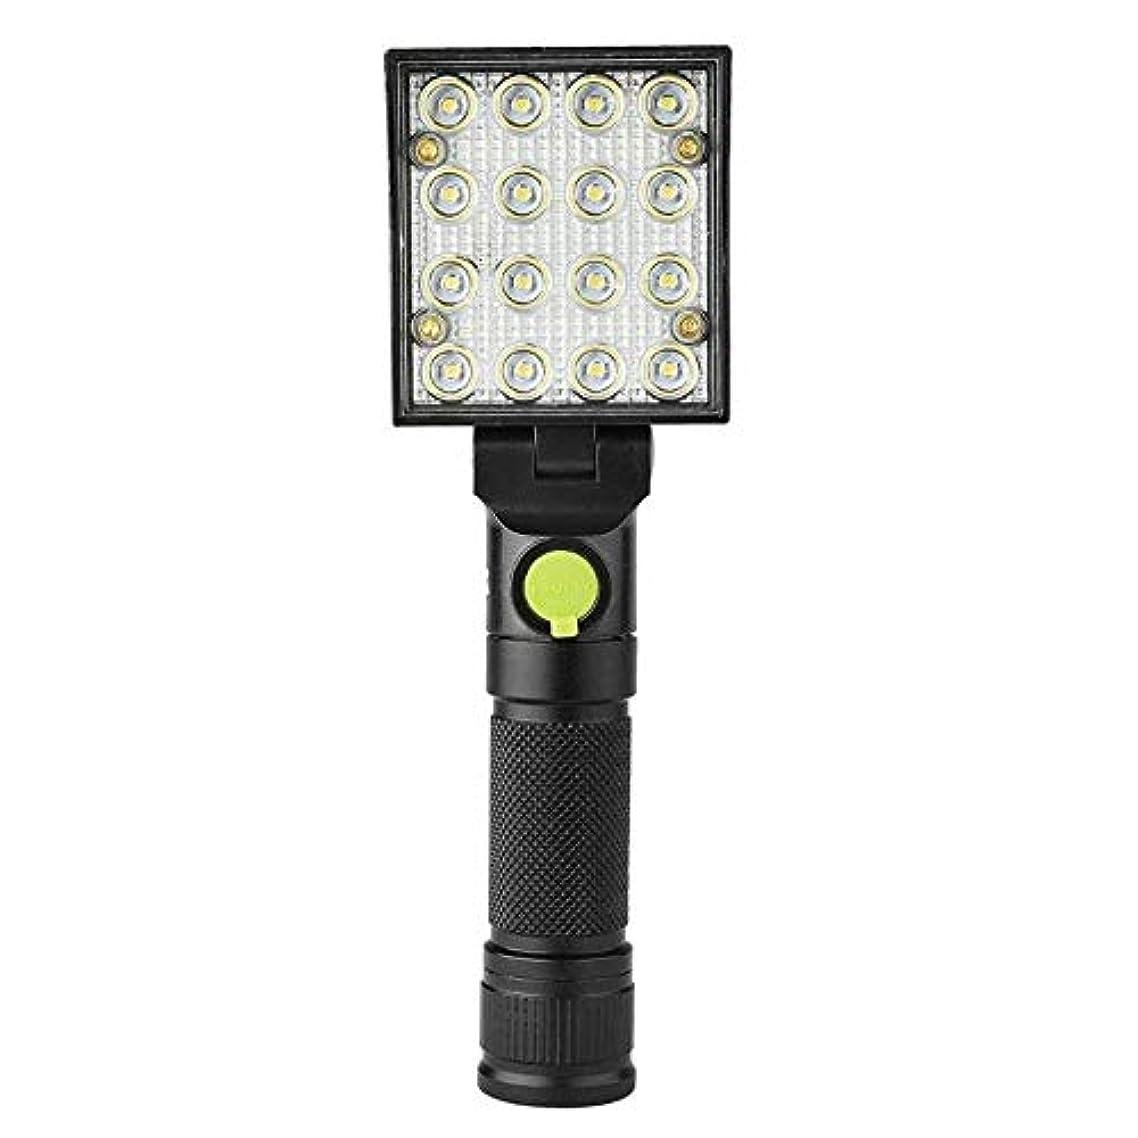 受取人苦情文句バーZR Ledランタン作業灯多機能4照明モードusb充電式屋外キャンプテントライトランタン懐中電灯磁気led非常灯